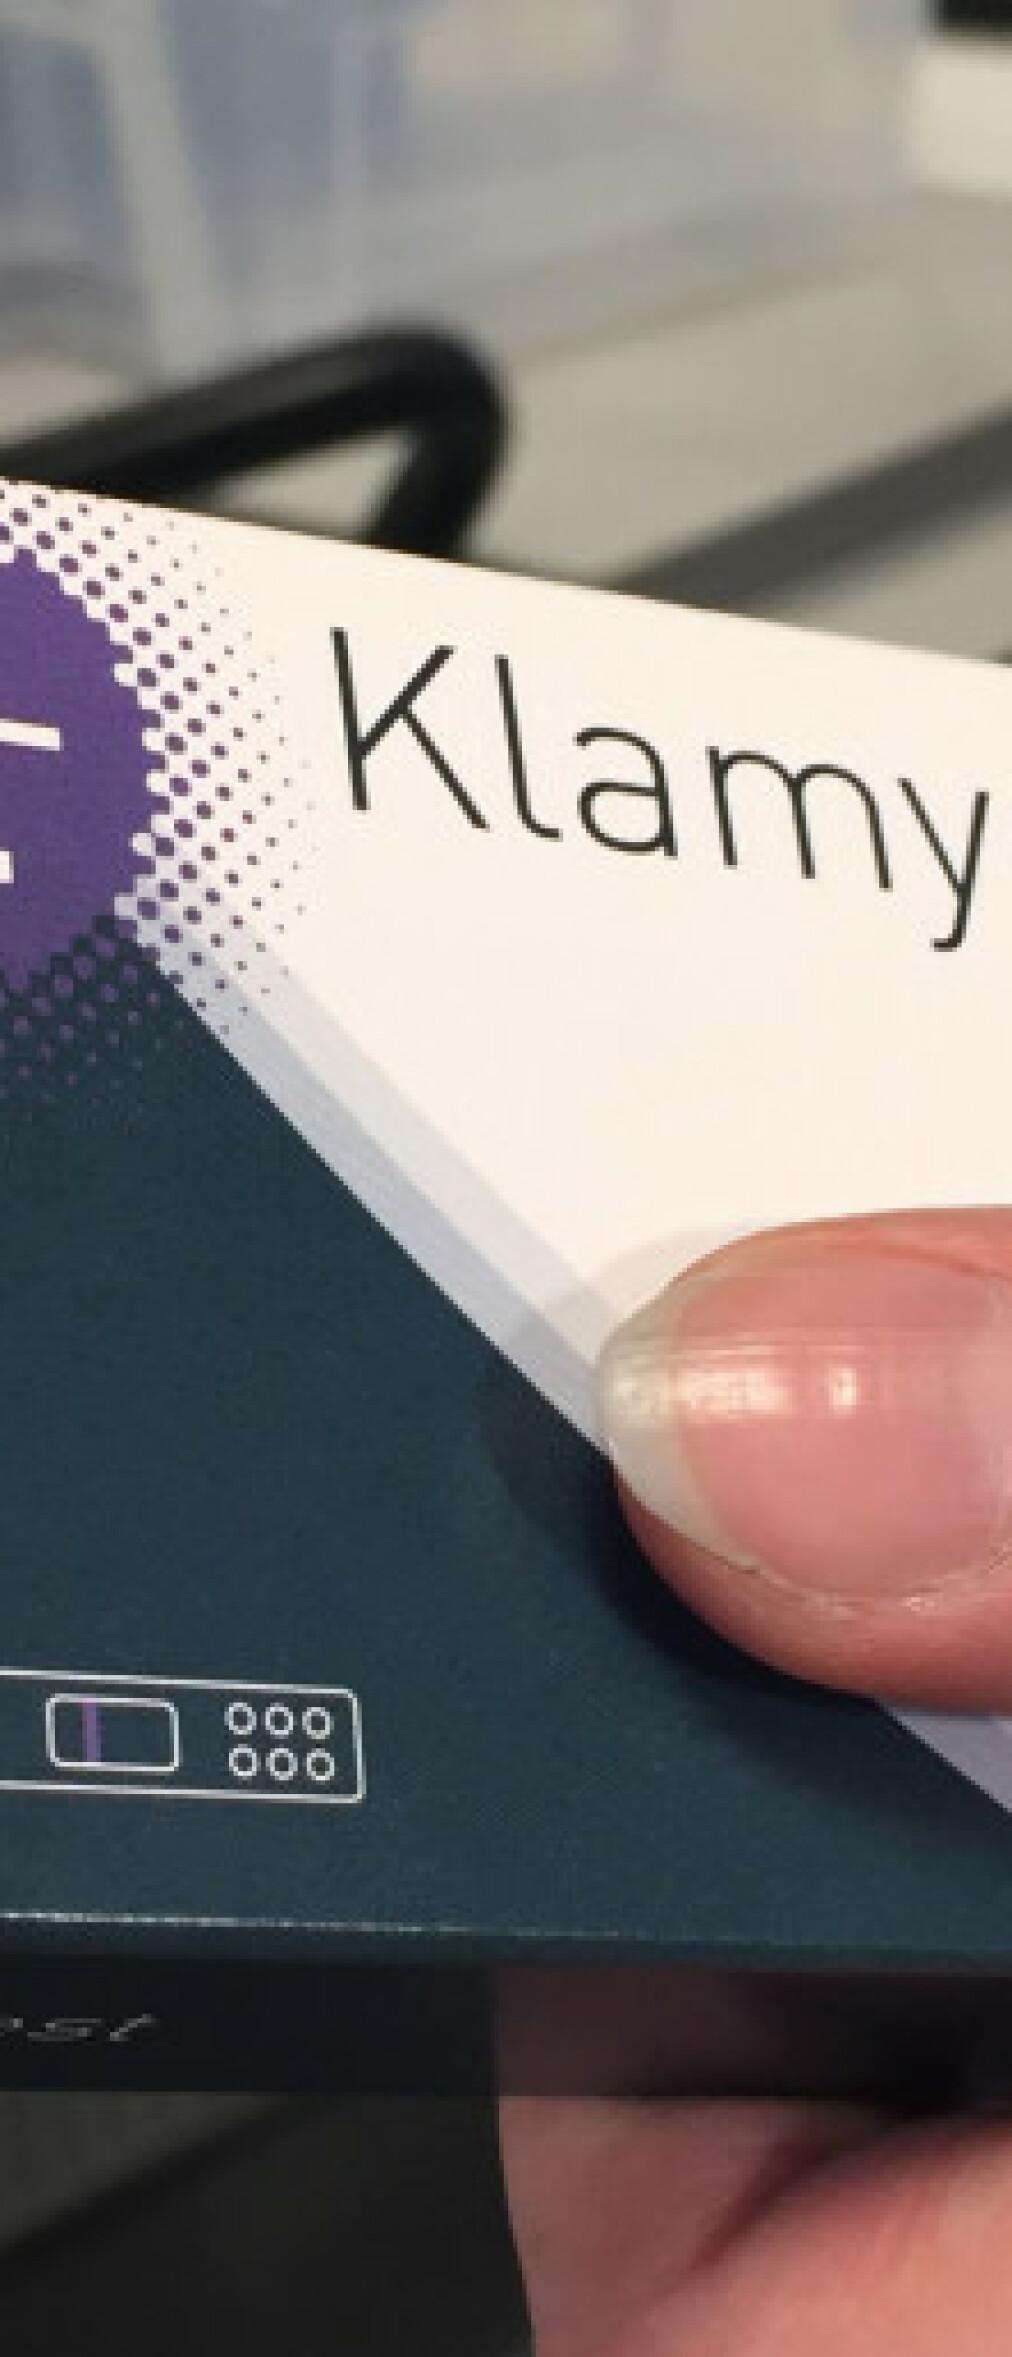 122 nordmenn inkalles til ny klamydia-test etter oppdagelse